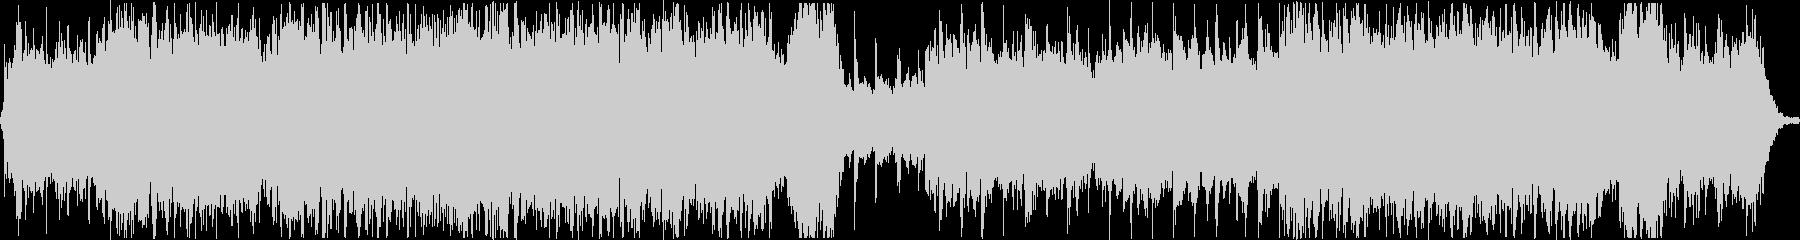 ジムノペディ第1番の未再生の波形